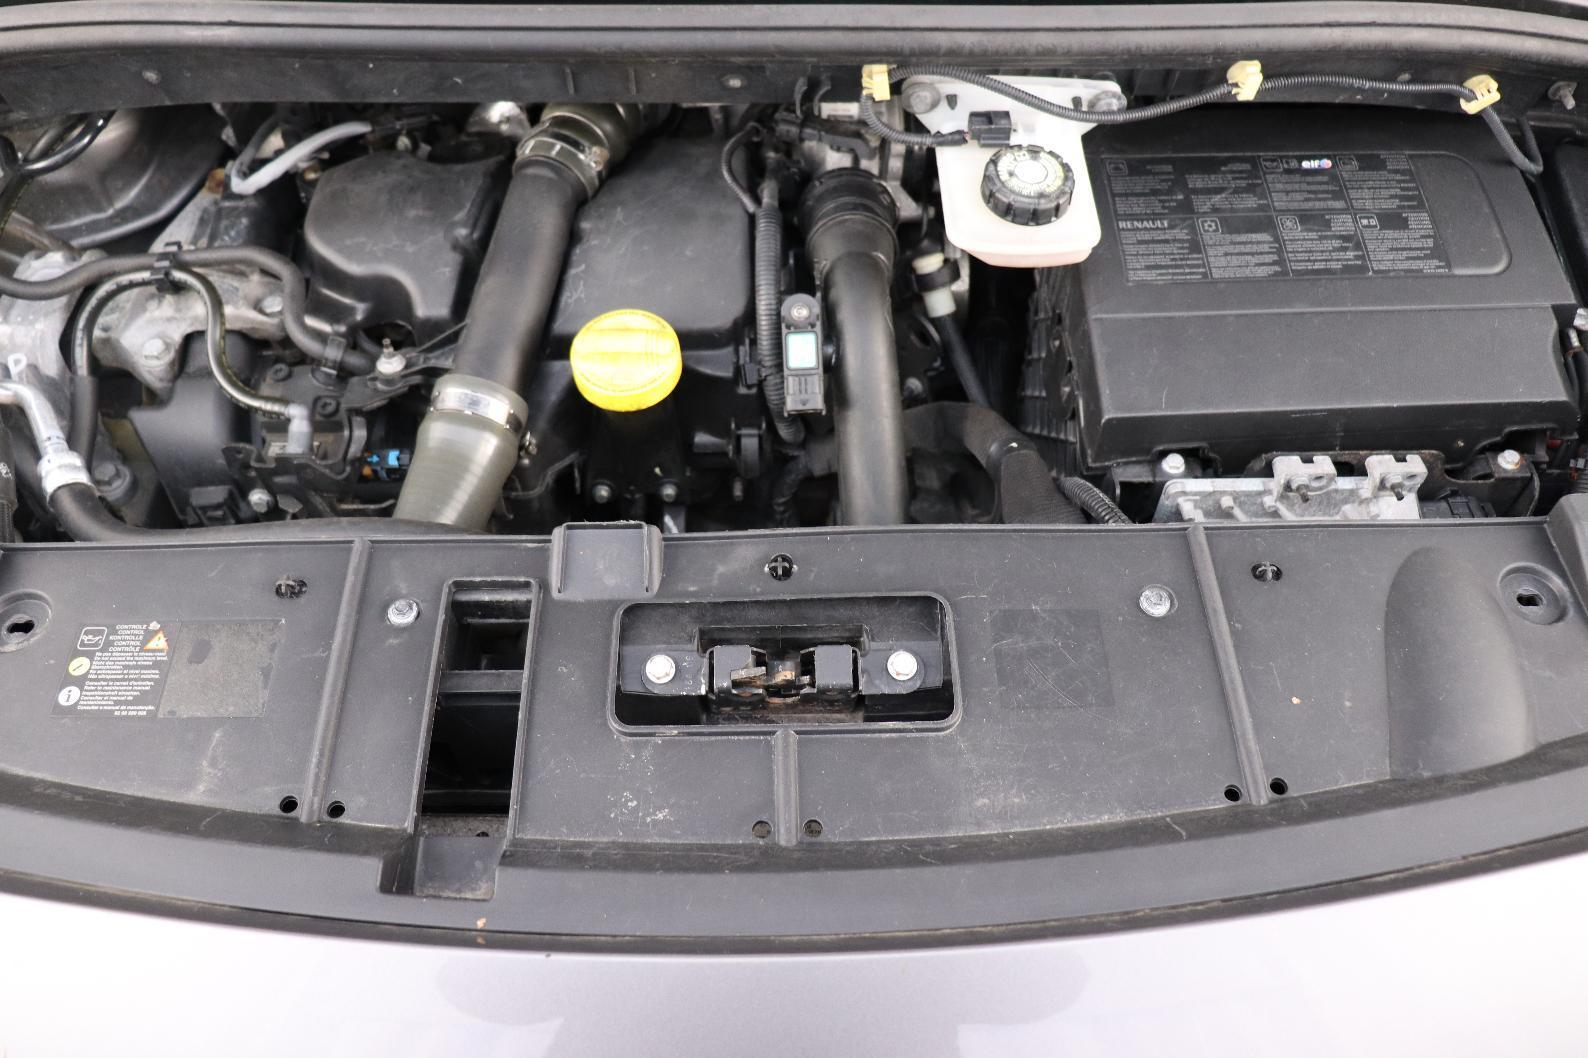 RENAULT SCENIC III Scenic dCi 110 Energy eco2 Bose Edition